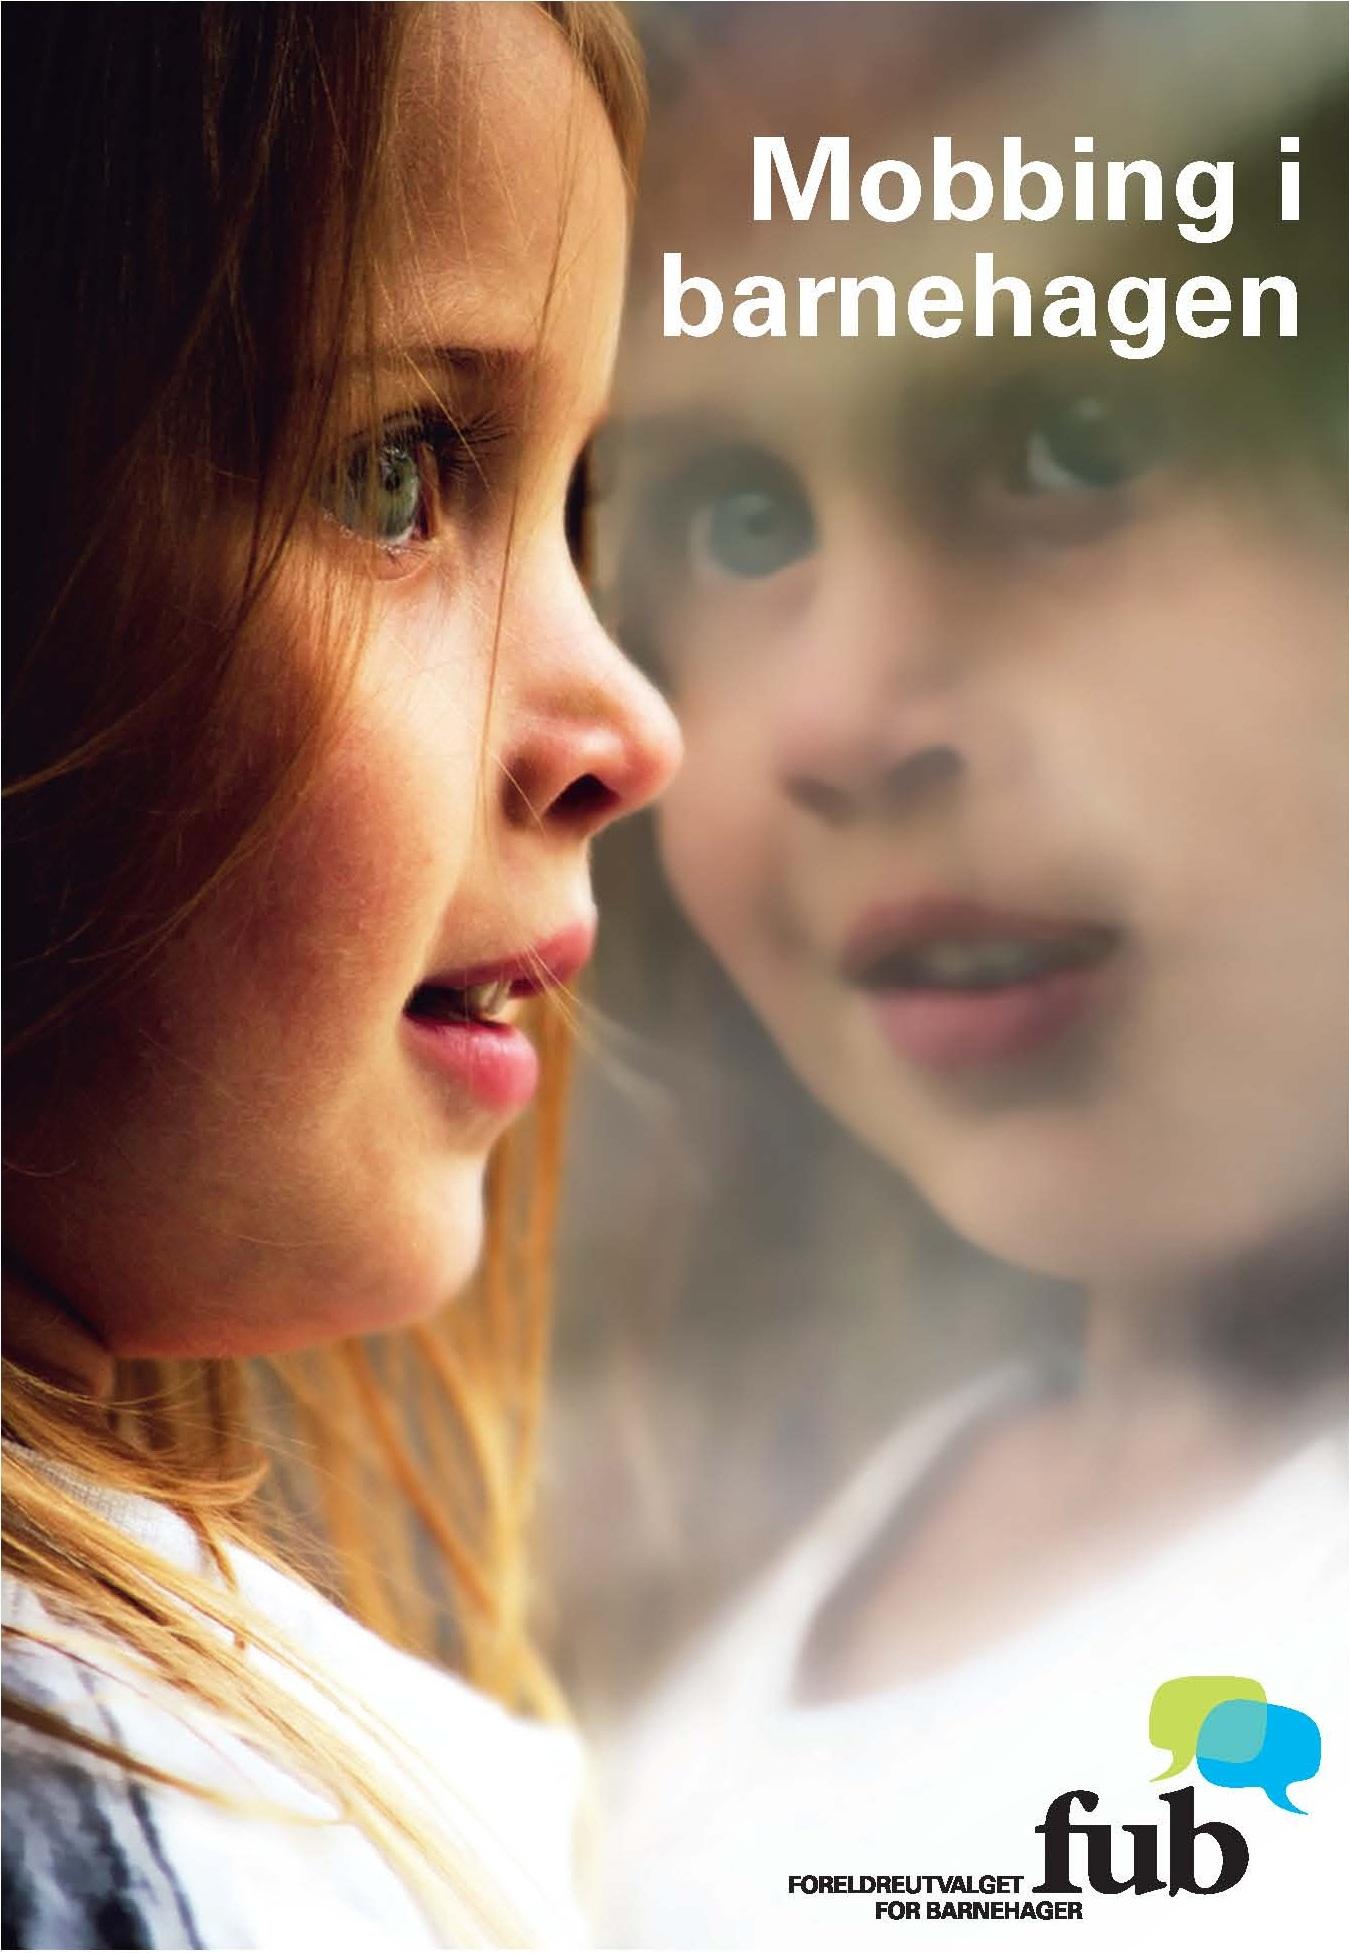 Mobbing i barnehagen (bokmål, bilde av forsiden)